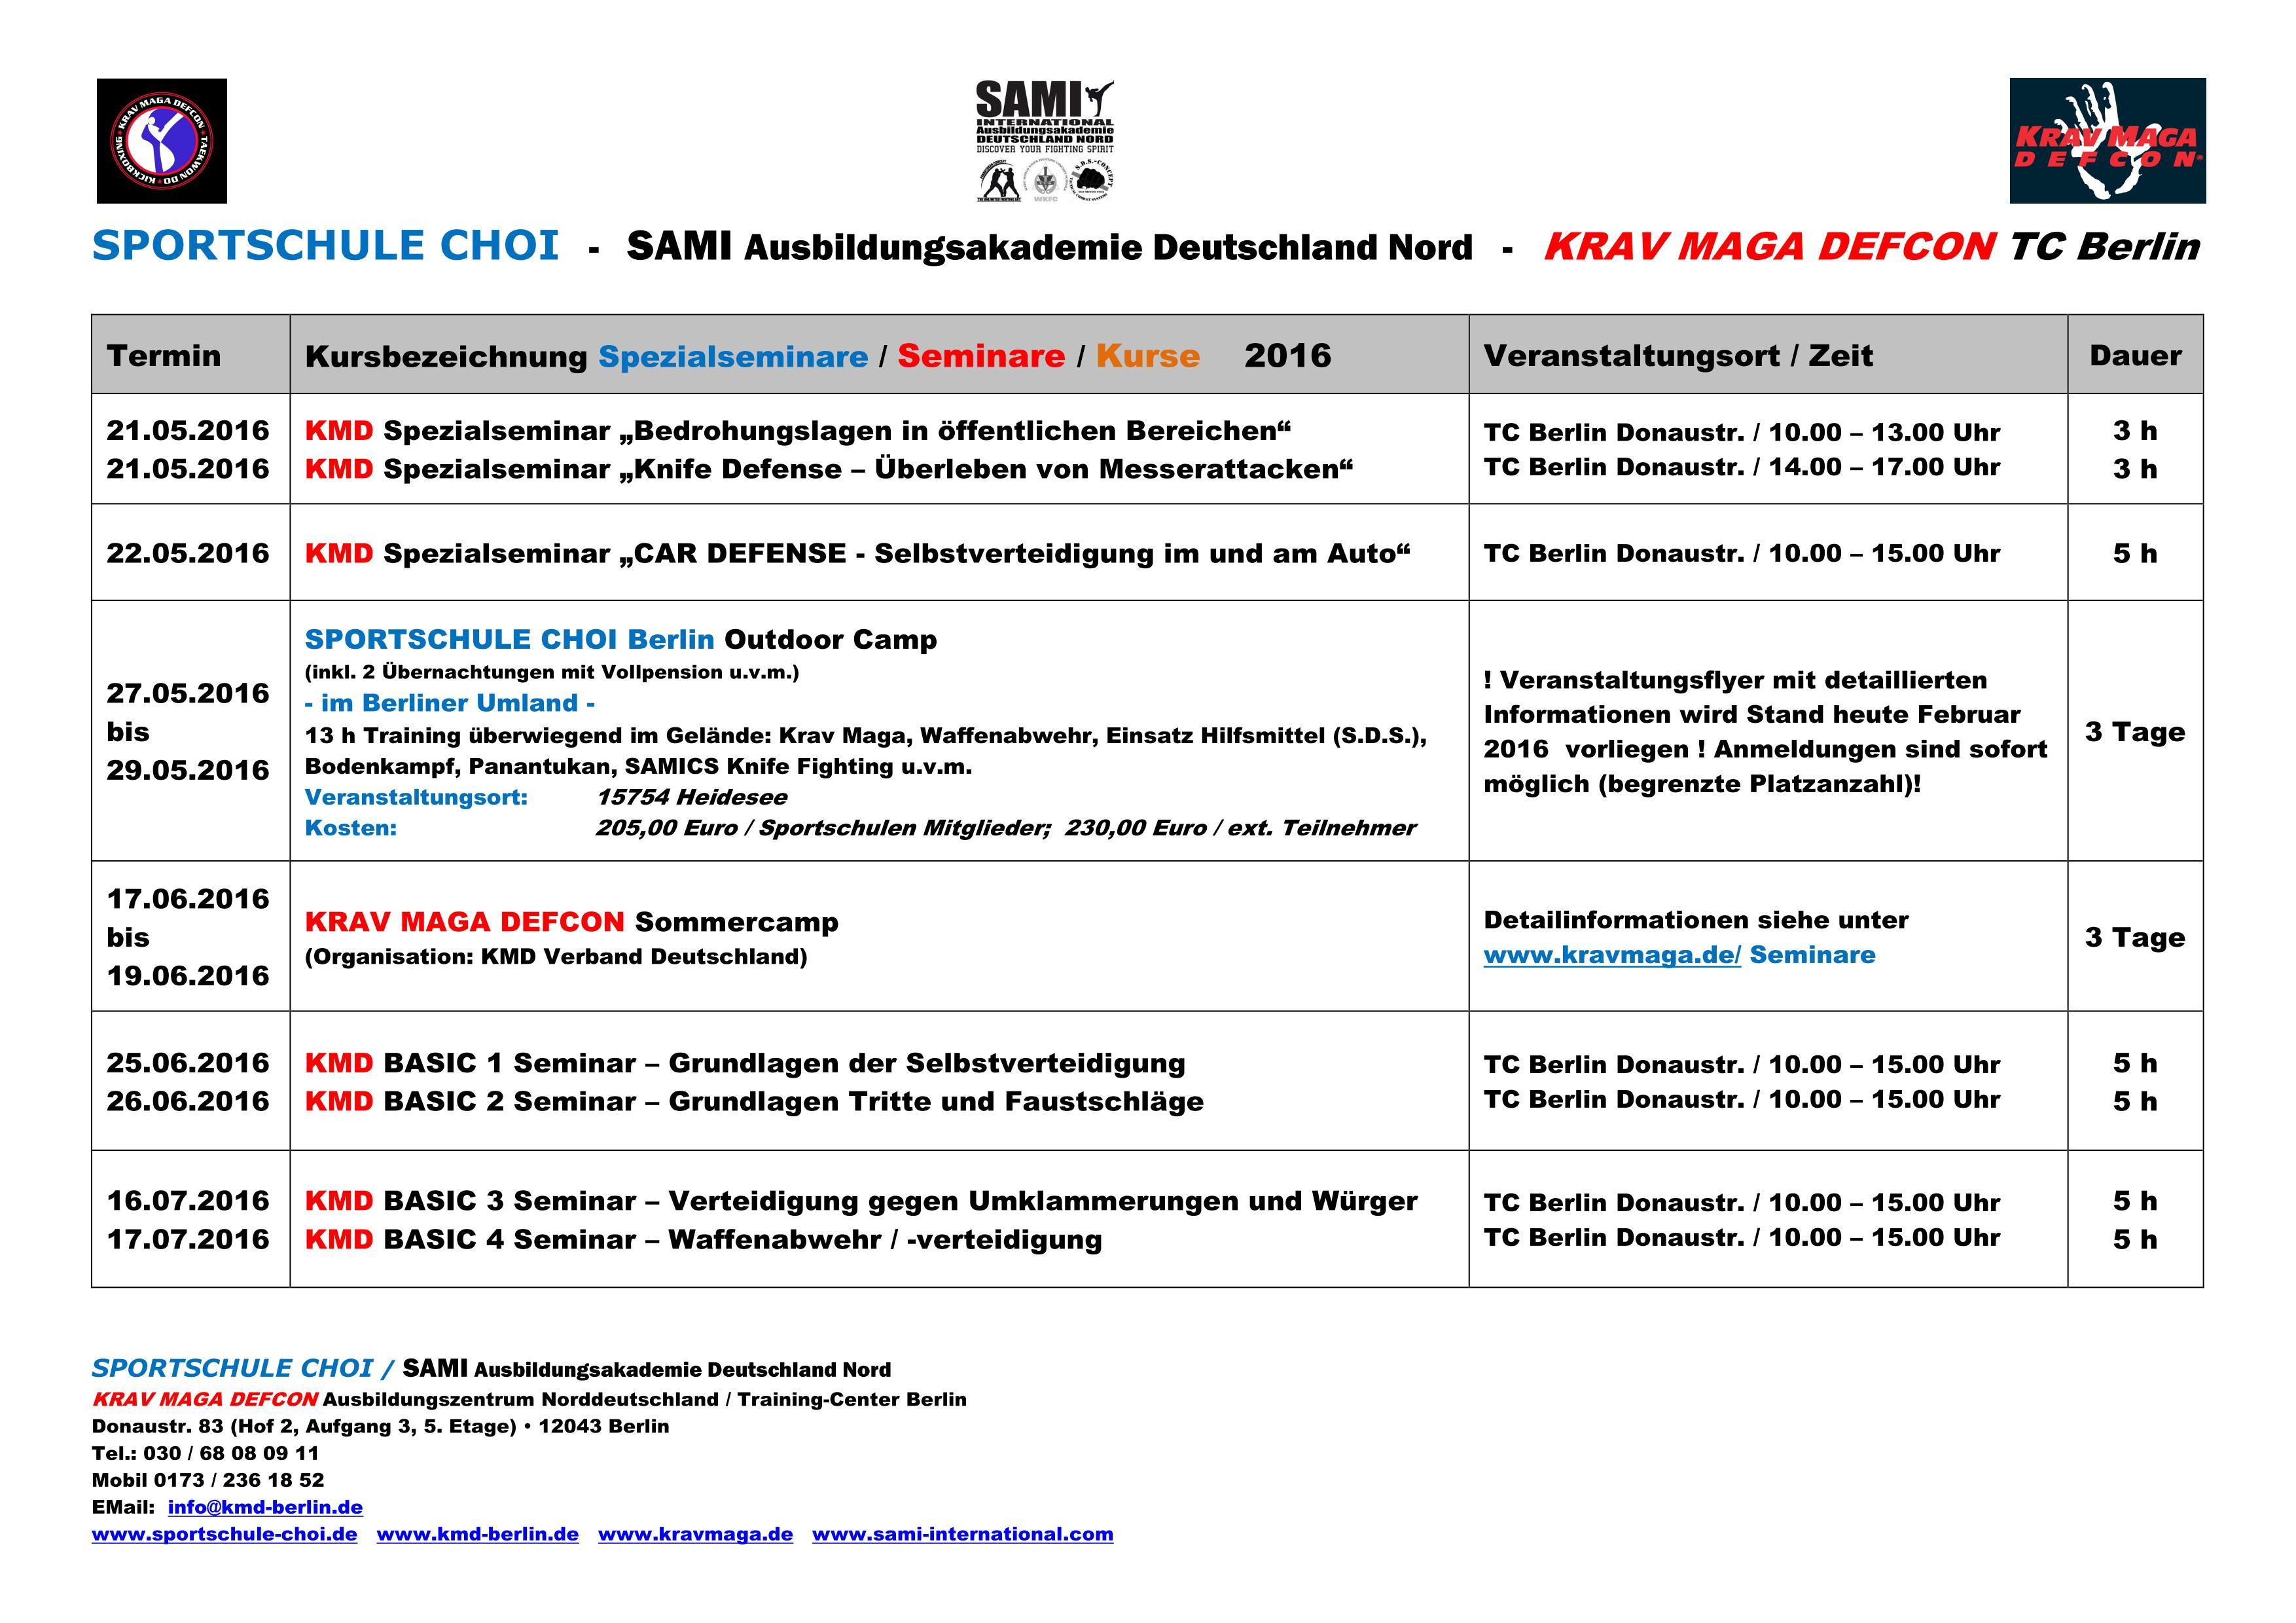 Viel Spaß mit den Seminaren wünscht Euch Euer Trainerteam des KMD TC Berlin